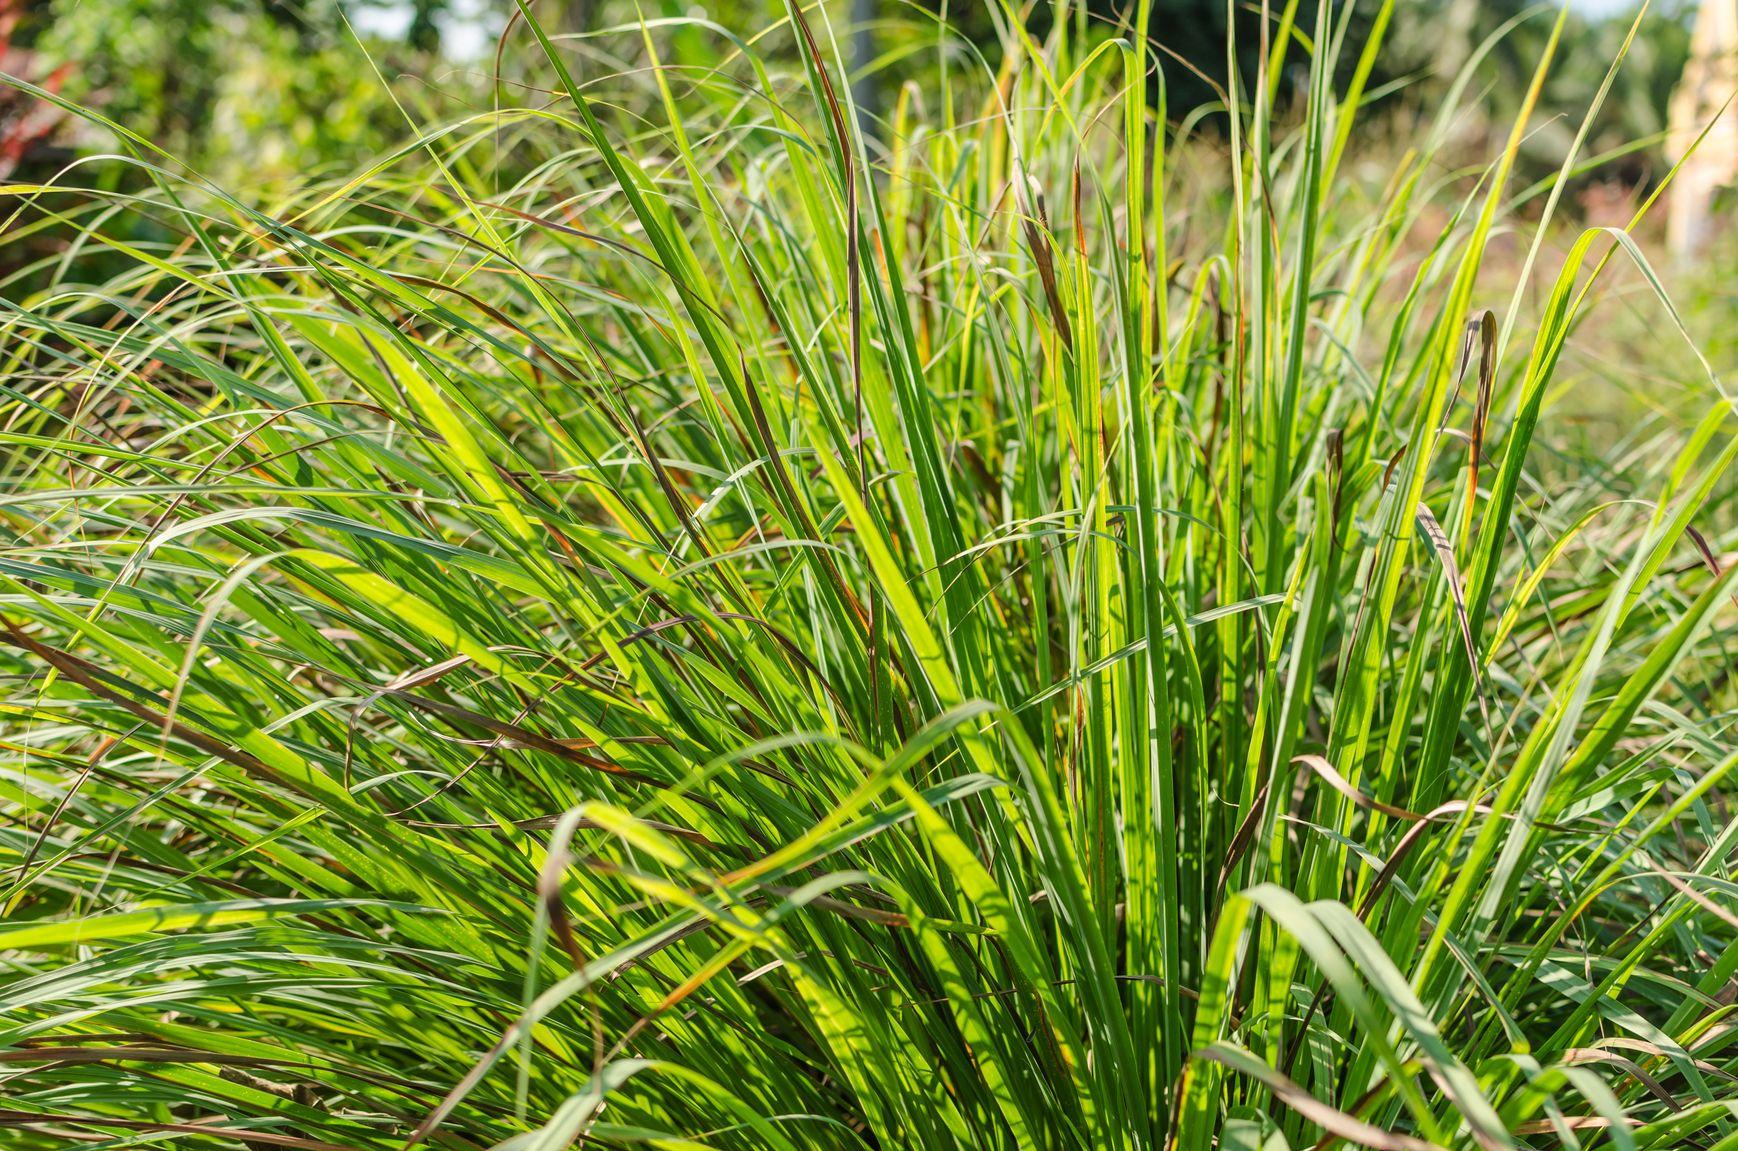 Lemongrass monrovia lemongrass plants pinterest for Grass like flowering plants